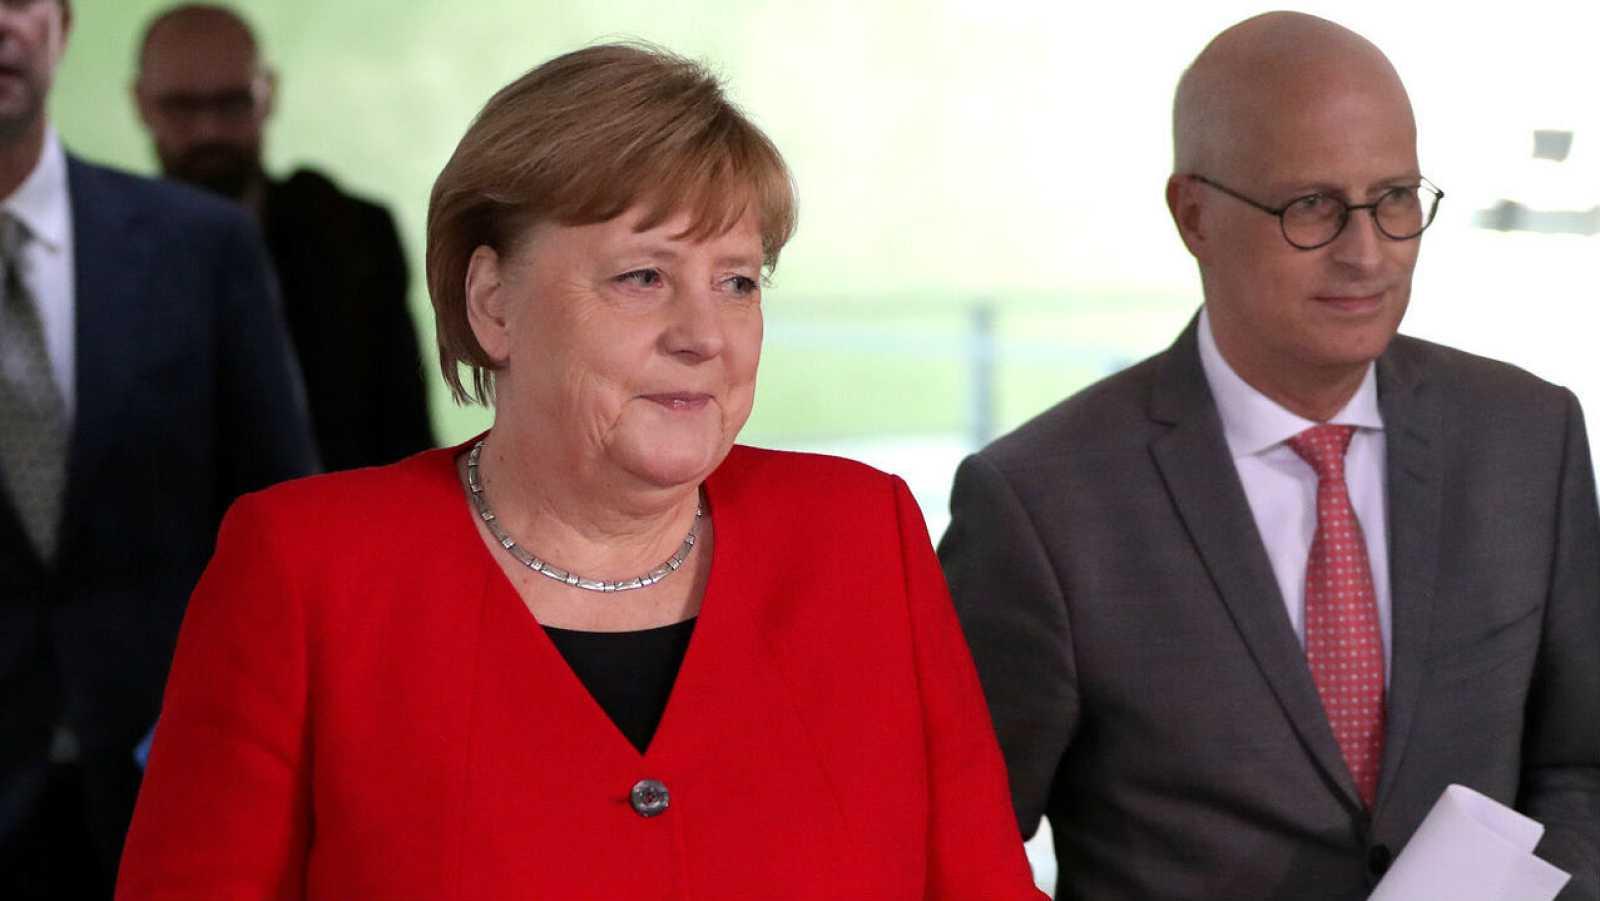 La canciller alemana Angela Merkel y Peter Tschentscher, primer alcalde de Hamburgo, llegan a una conferencia de prensa después de una reunión en línea con los gobernadores estatales alemanes sobre el aflojamiento de las restricciones para reducir la